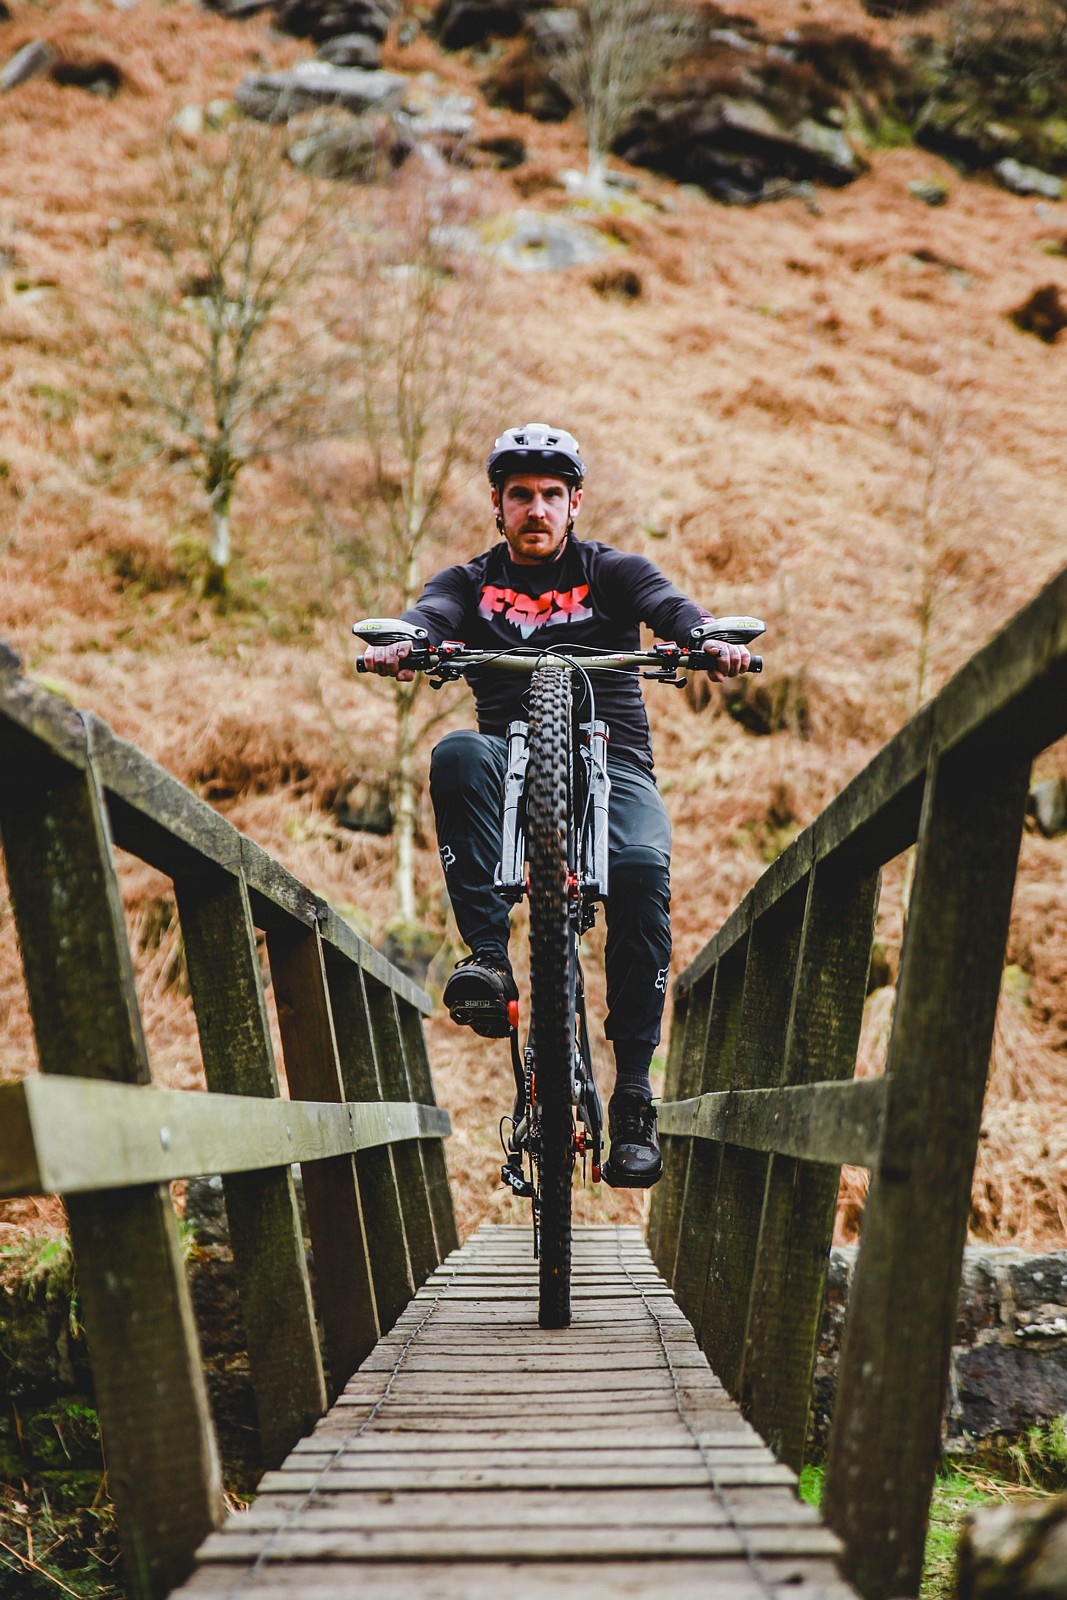 IMG 0543 - Mushrum - Mountain Biking Pictures - Vital MTB